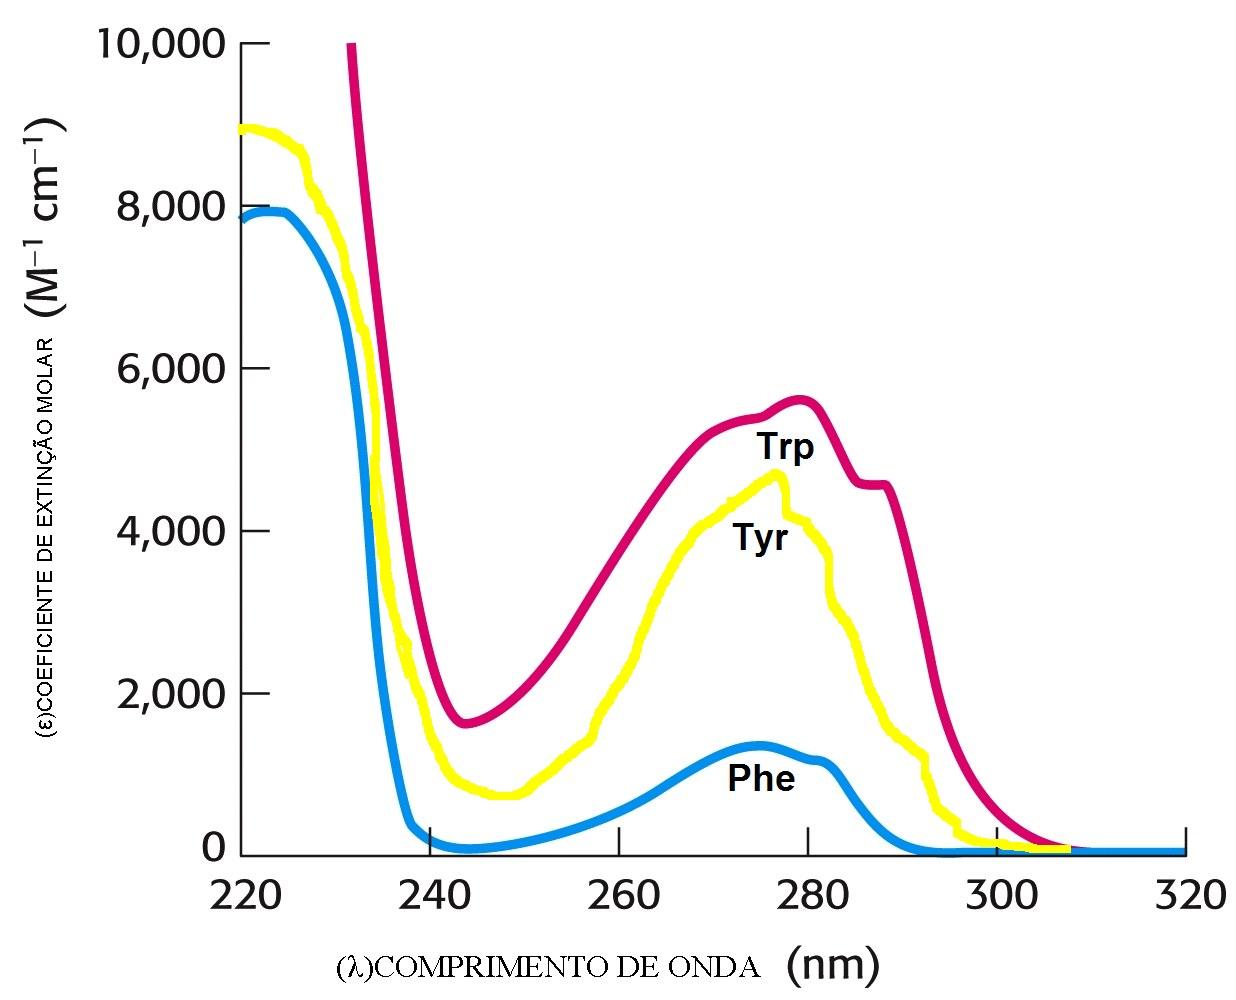 Espectrofotometria de absorcion molecular uv